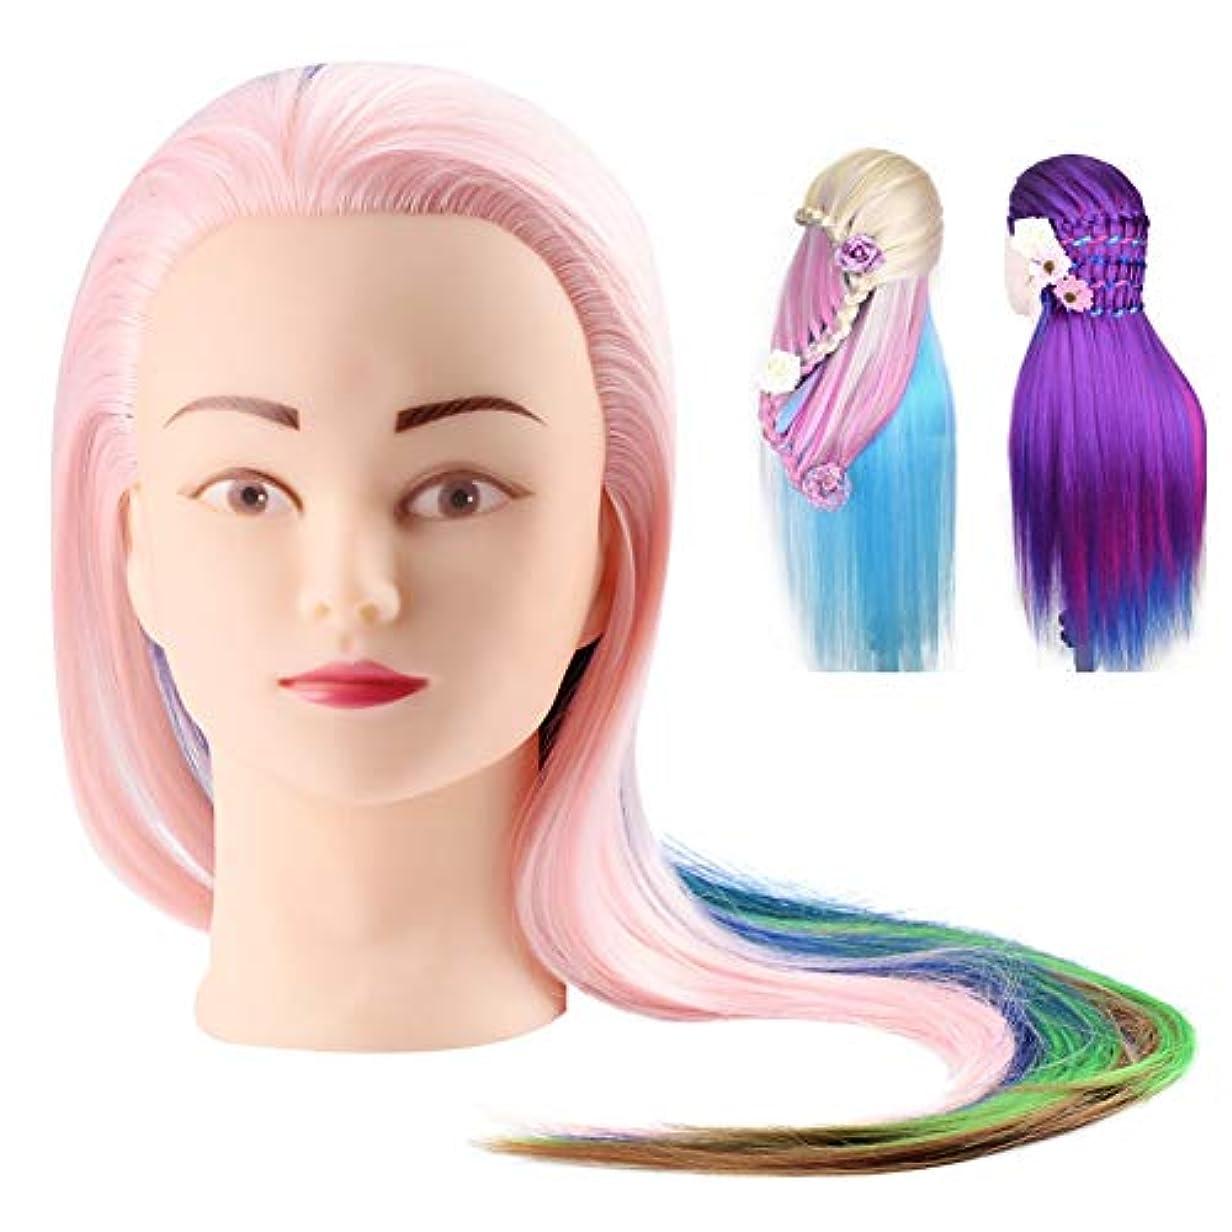 作る層マニアックプロの理髪ヘッド、化粧品実用的なマネキン人形人工毛、人工毛理髪トレーニングヘッドエクササイズマネキン